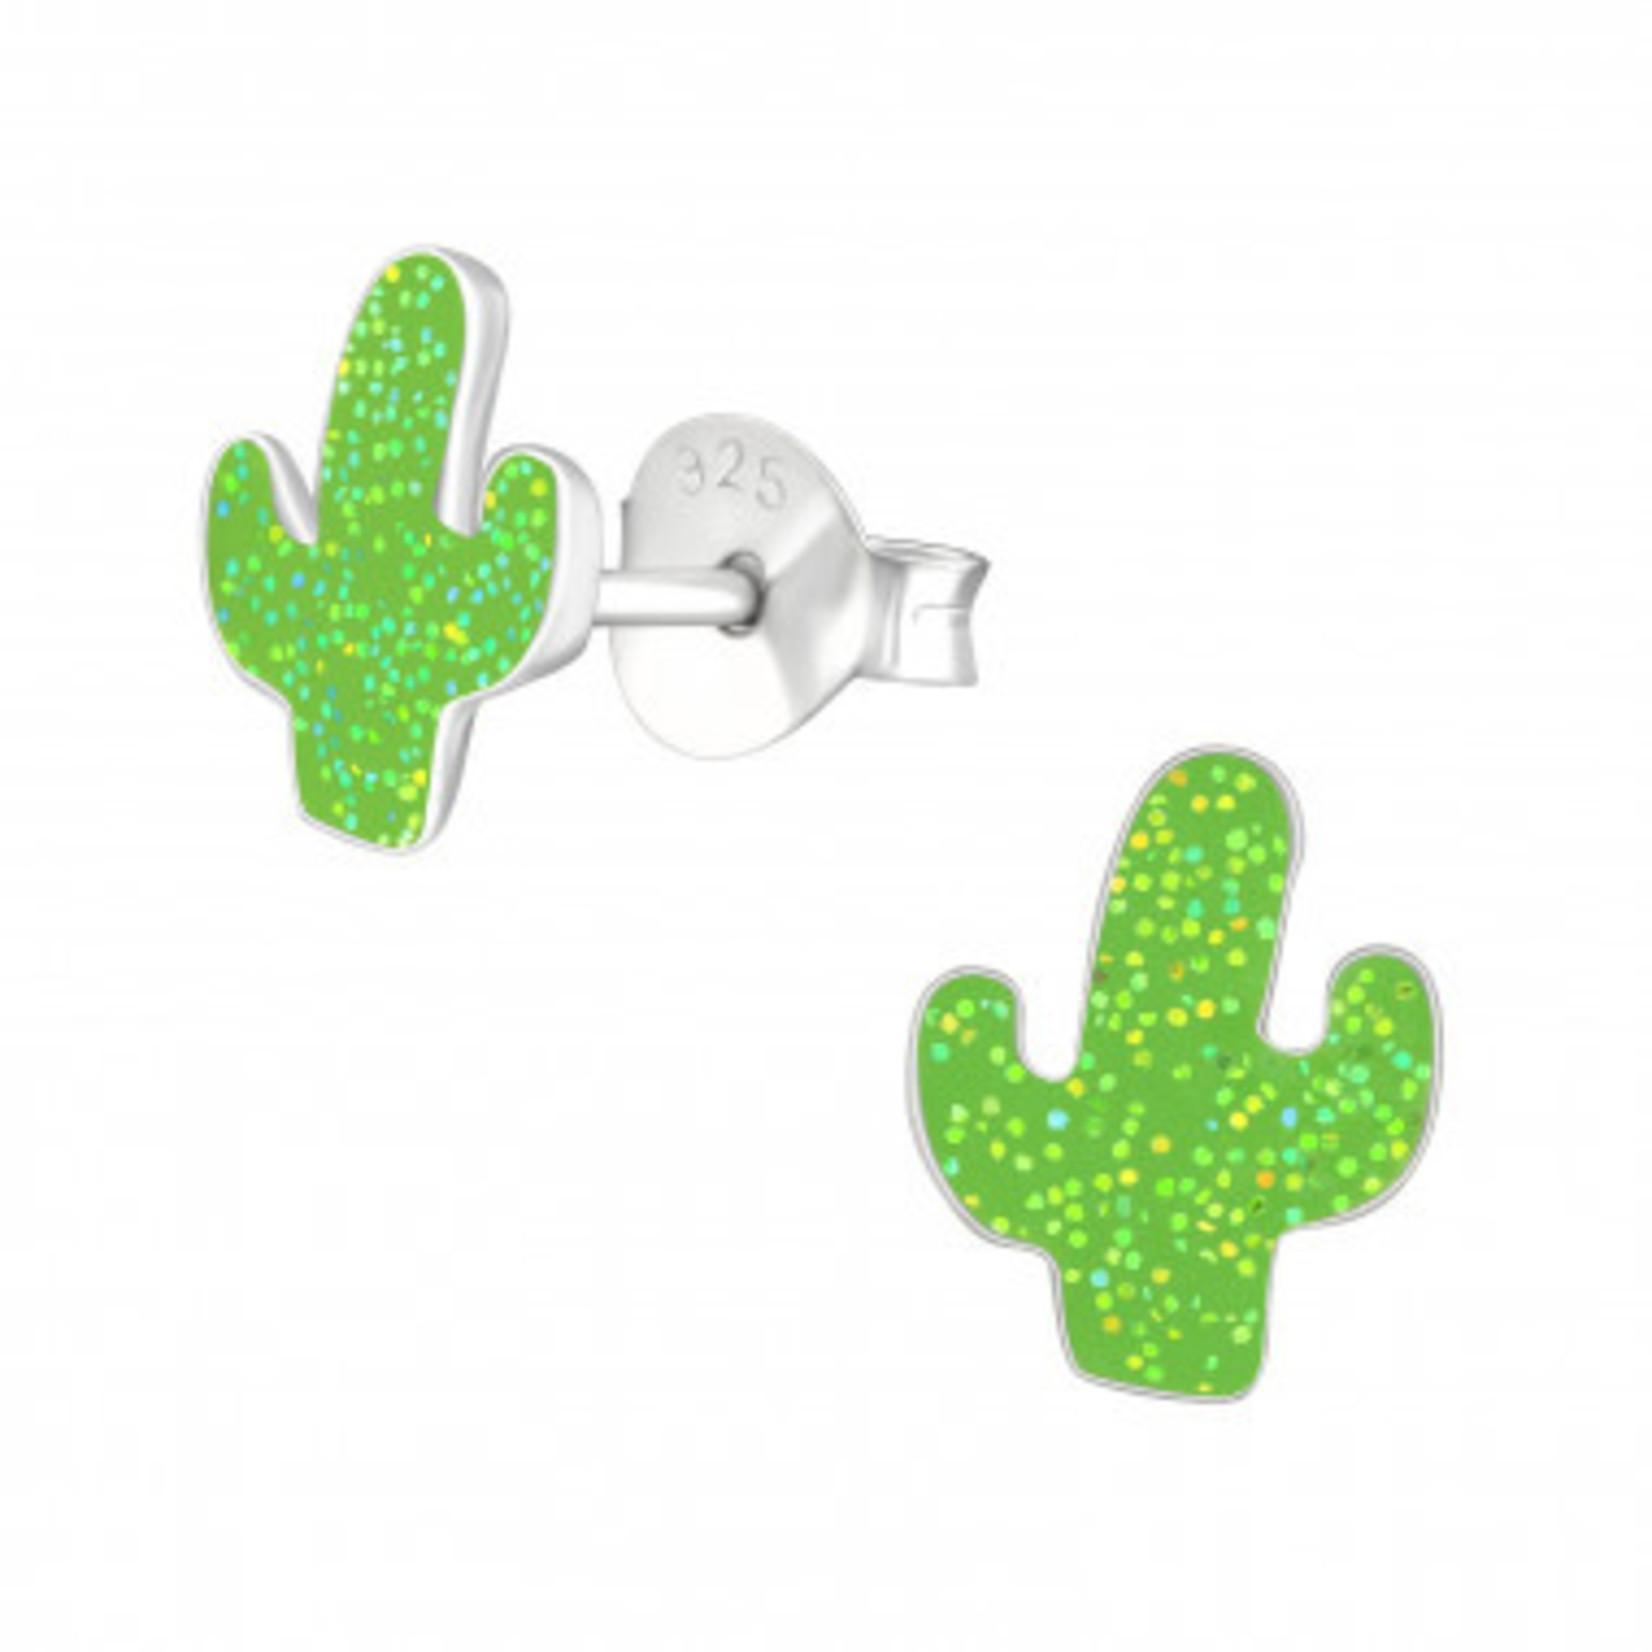 Oorstekers - Cactus met glitter - Licht groen